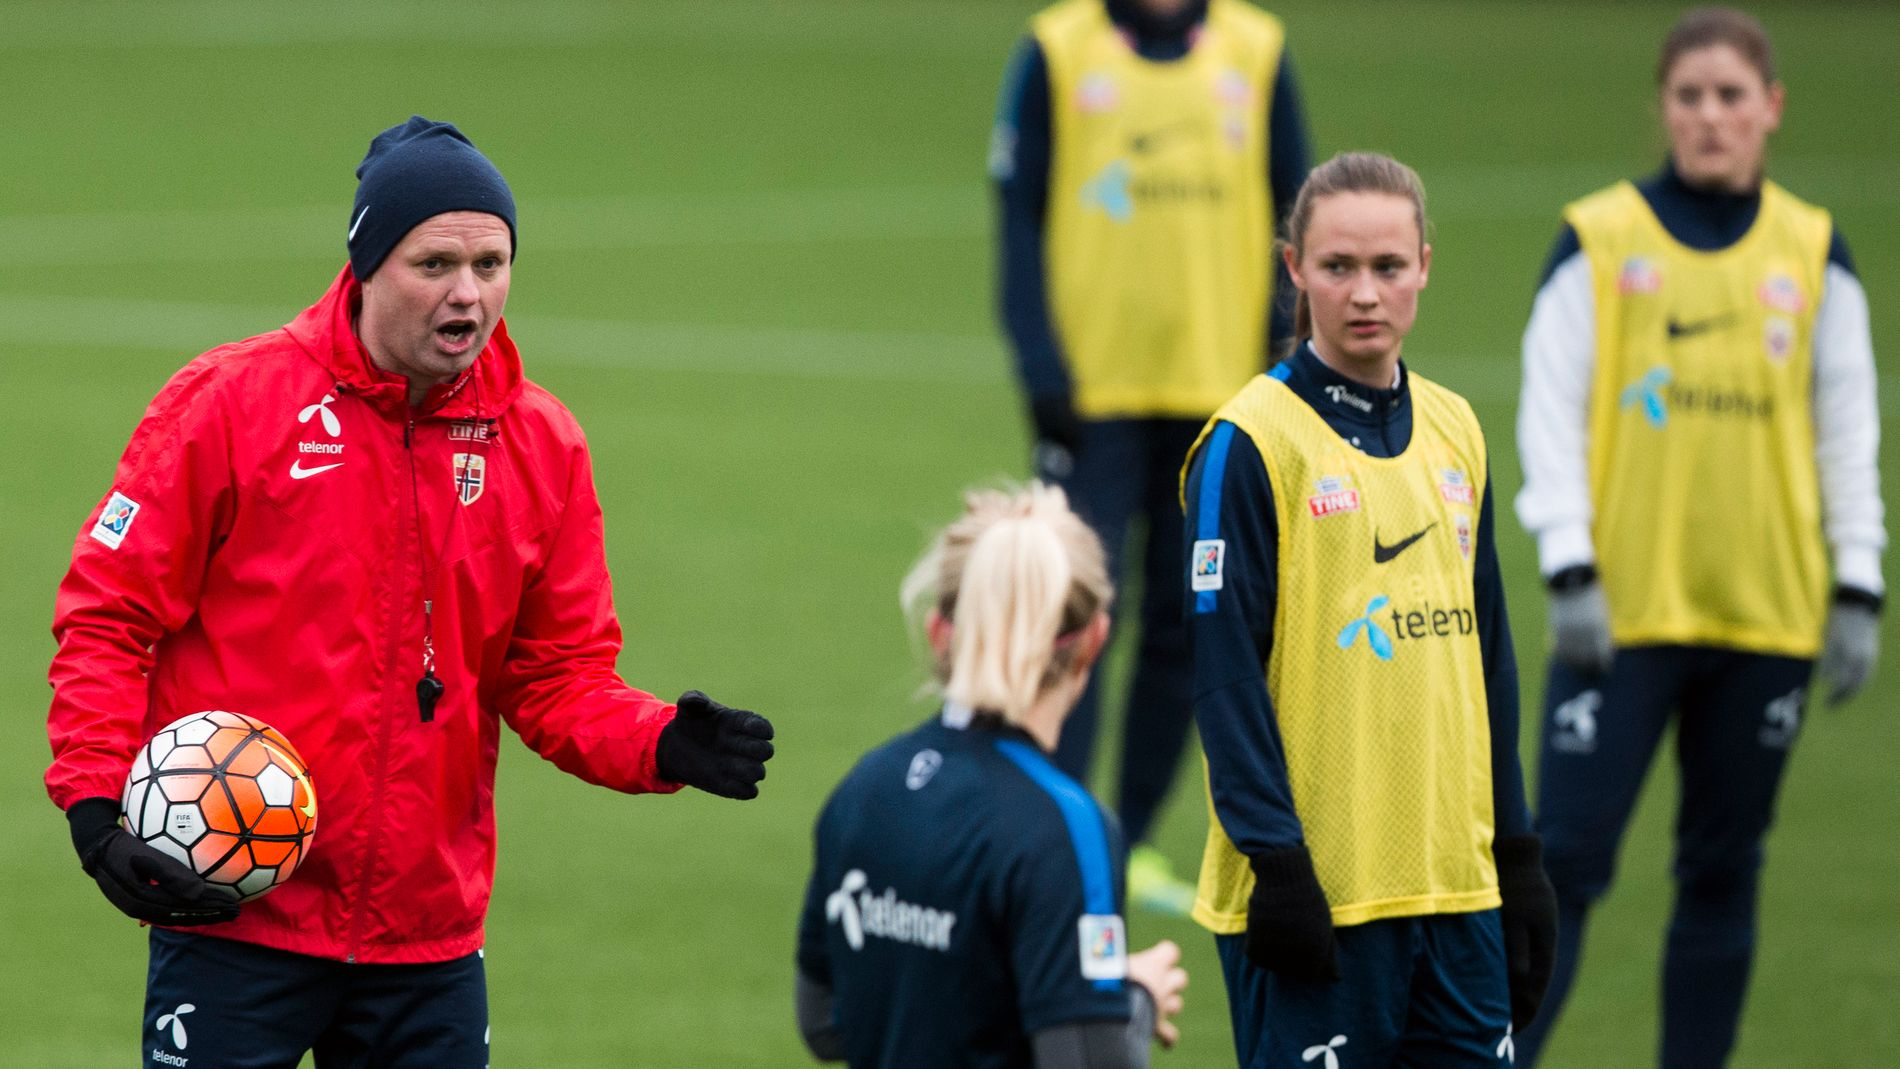 FERDIG: Landslagssjef Roger Finjord (t.v.) og Caroline Graham Hansen og Maren Mjelde (t.h.) under en av de siste treningene med damelandslaget på Woudestein stadion i forkant av OL-kvalifiseringen.